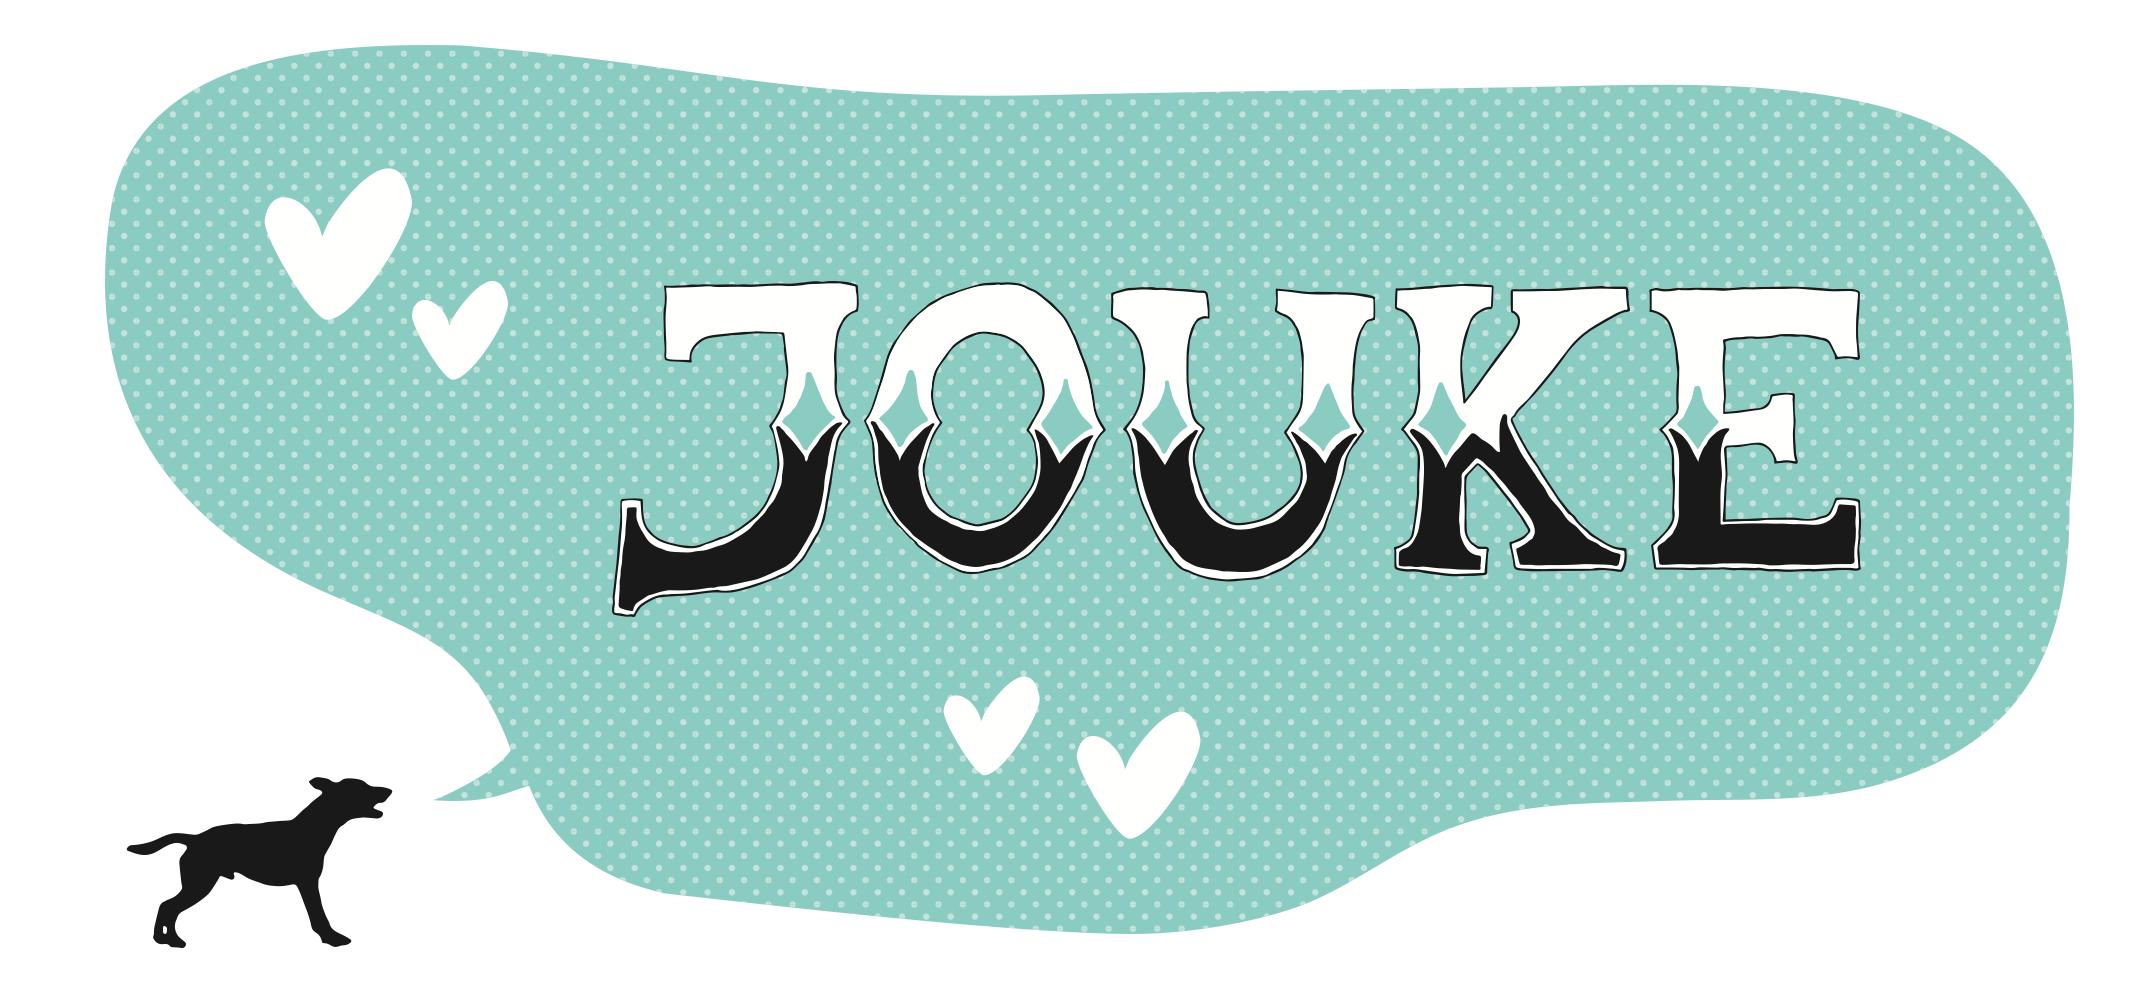 Jouke-Abe